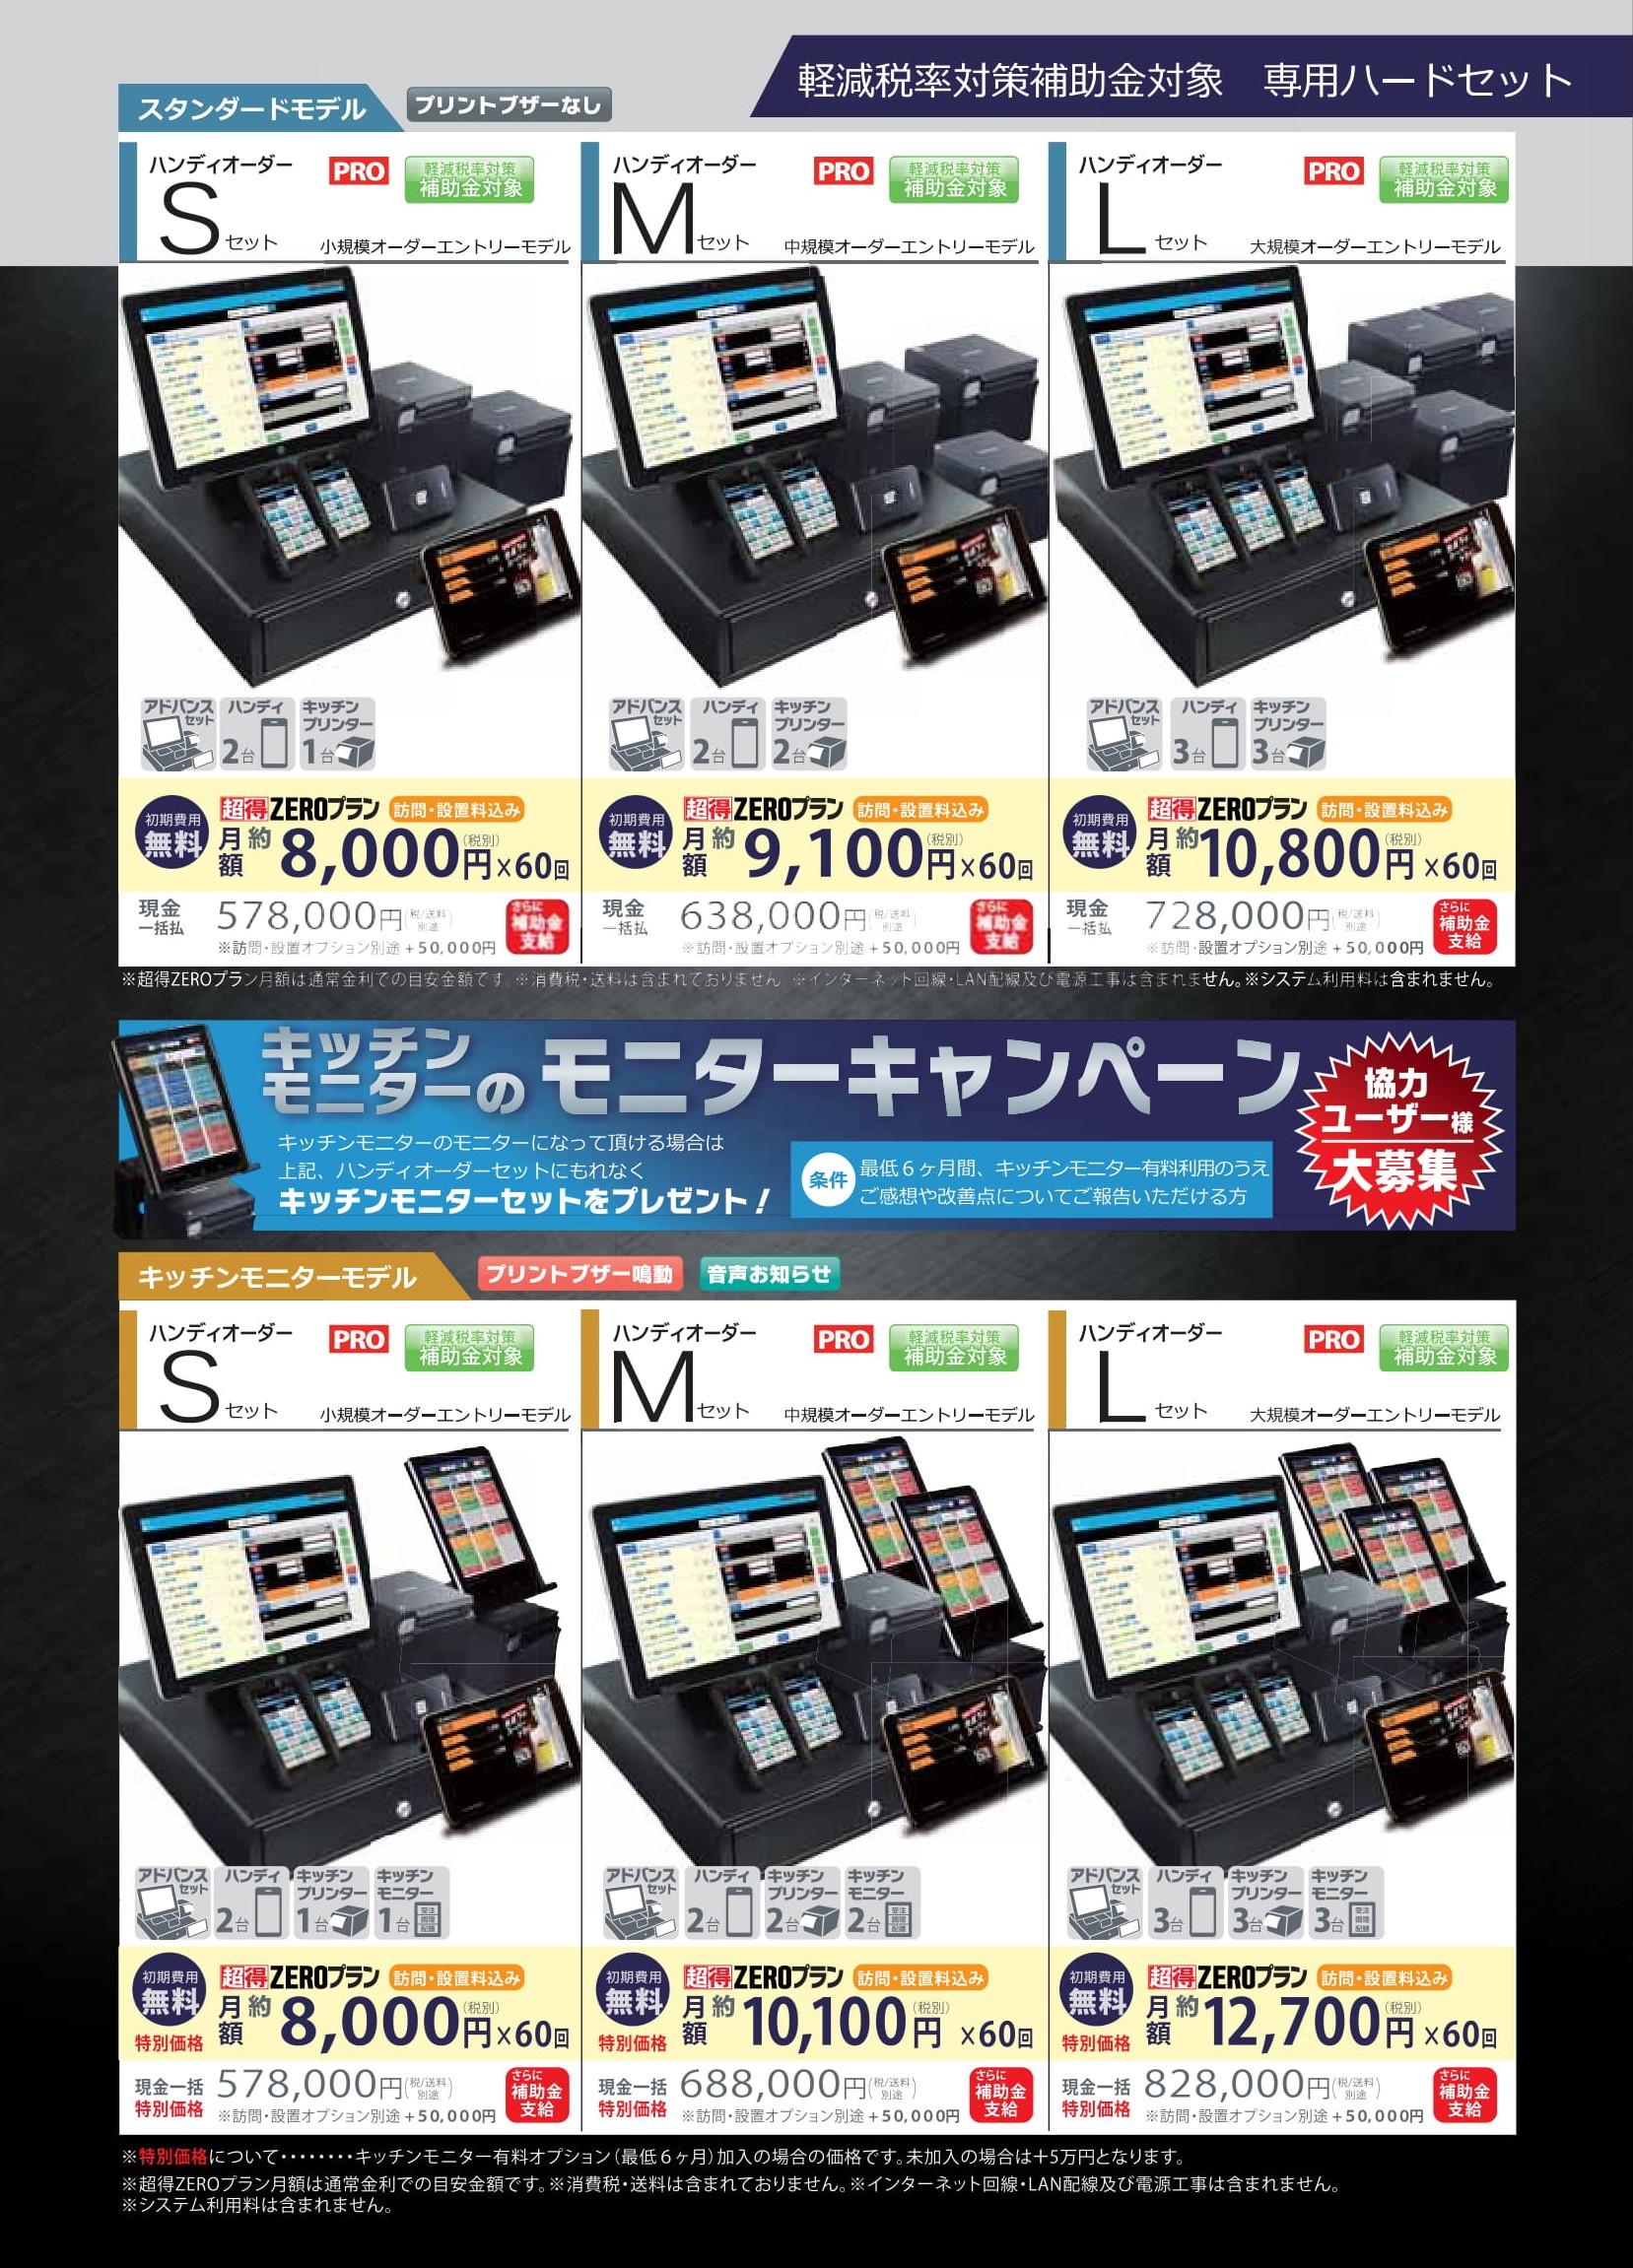 POSレジ専用ハードセット価格表 - ハンディーオーダー・キッチンプリンター・キッチンモニター